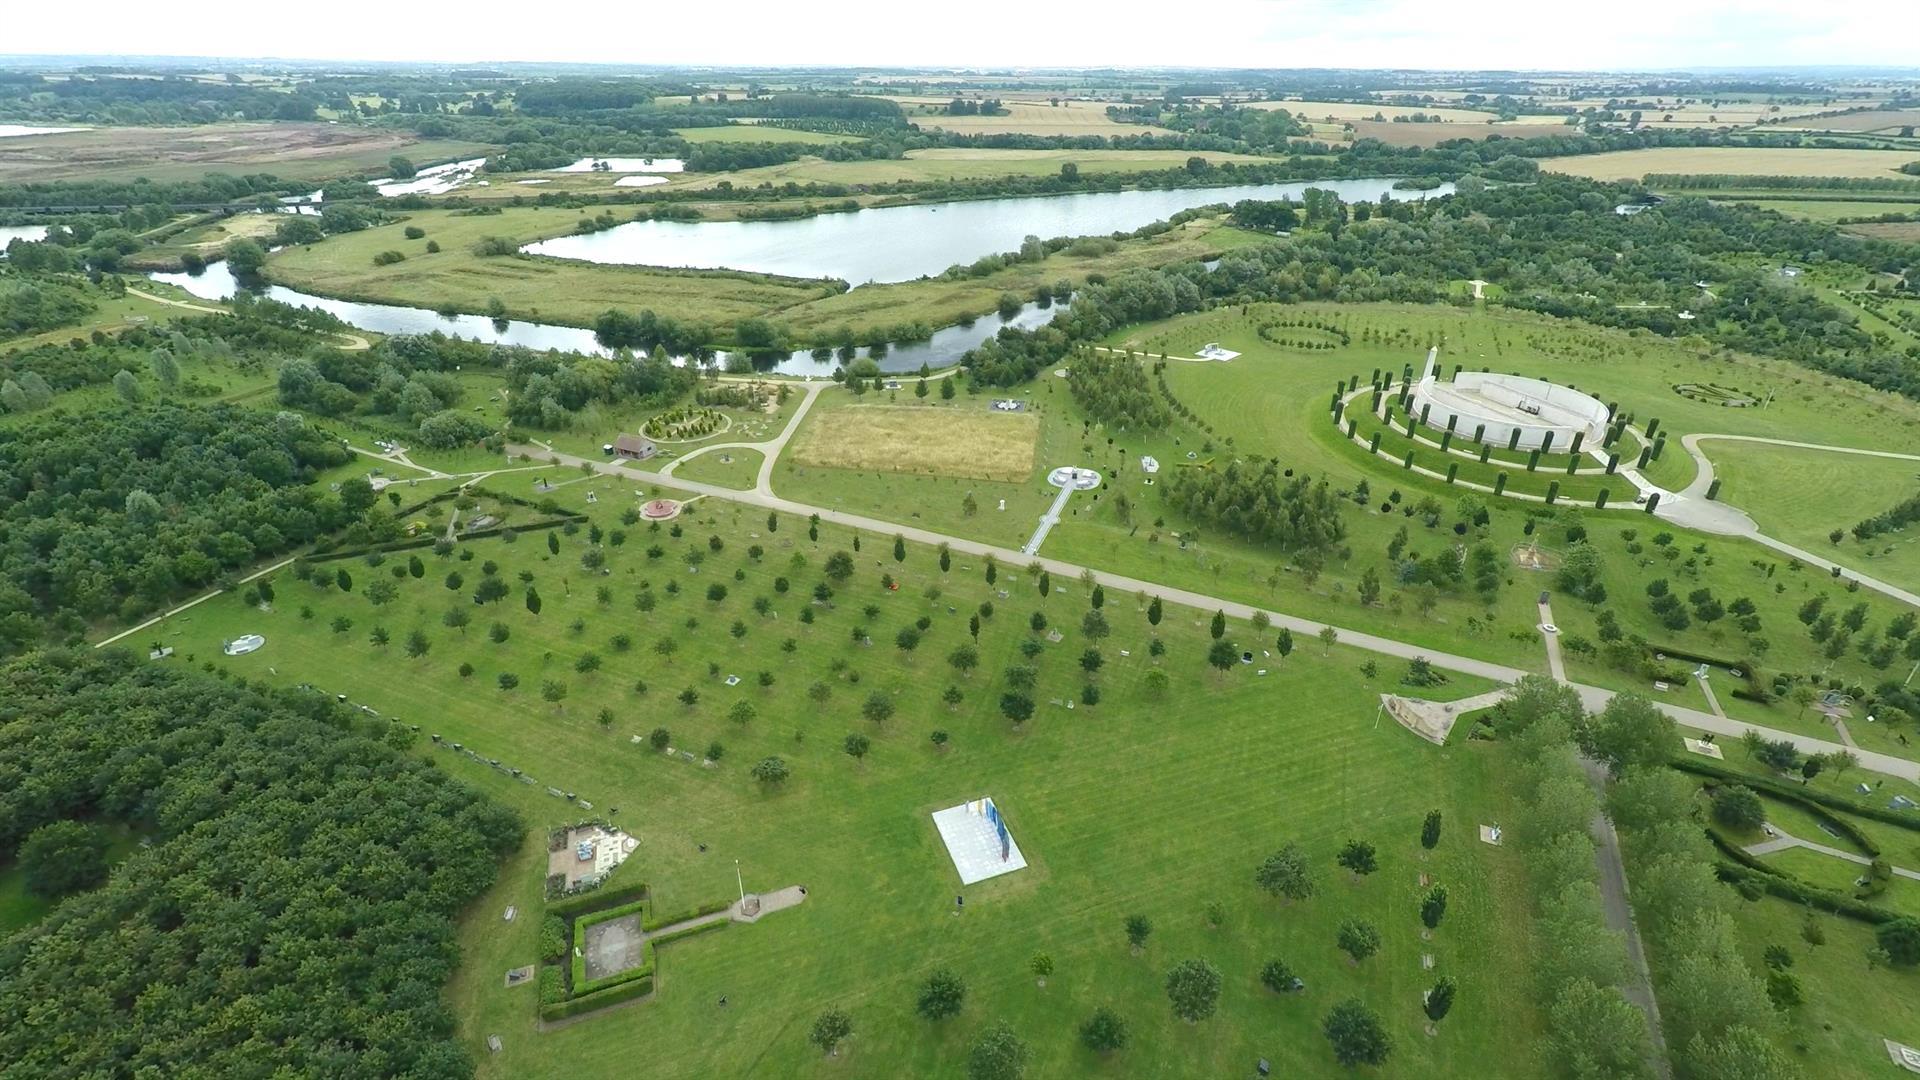 Aerial shot of the RAF Wing, National Memorial Arboretum